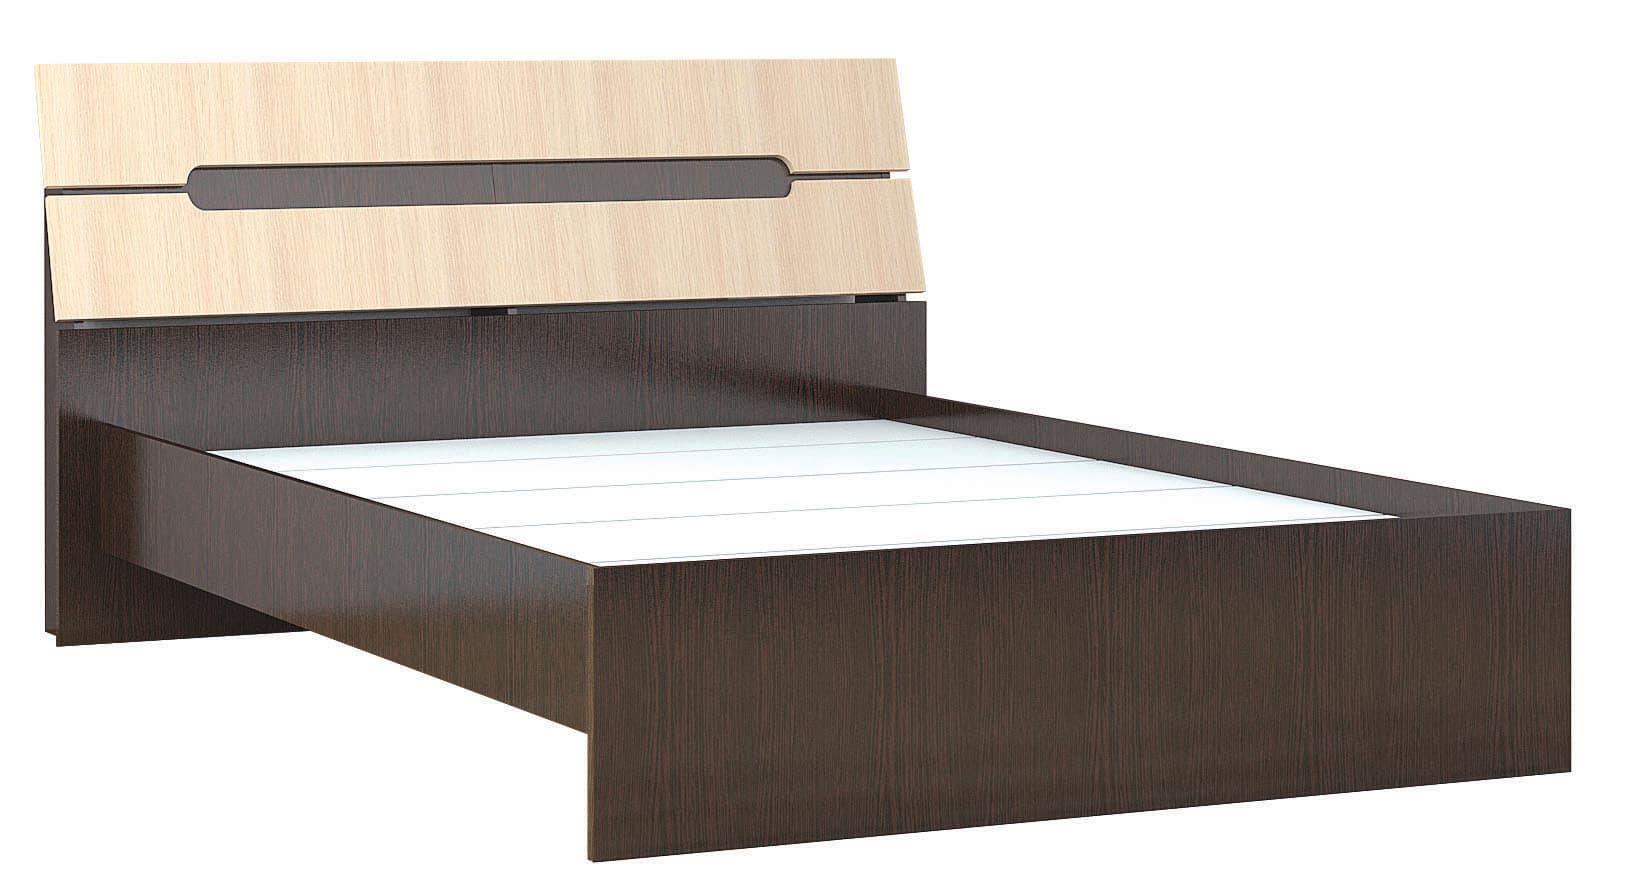 Кровать Гавана 1,4 с основанием ДСП, без матраса